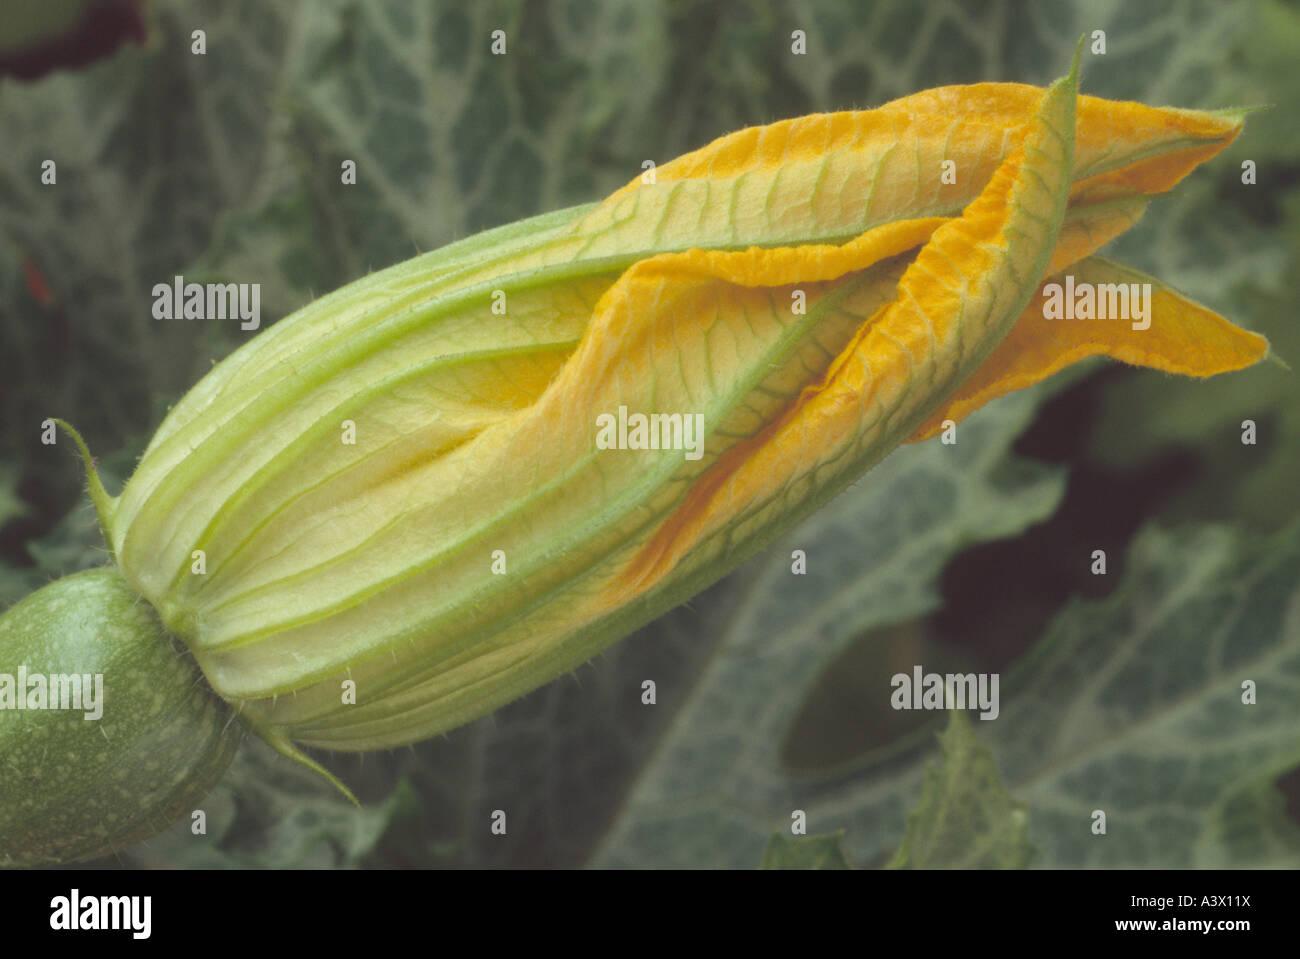 Cucurbita pepo 'De Nice un fruit rond' (courgette) Close up de courgette ronde et fleur sur plante. Photo Stock